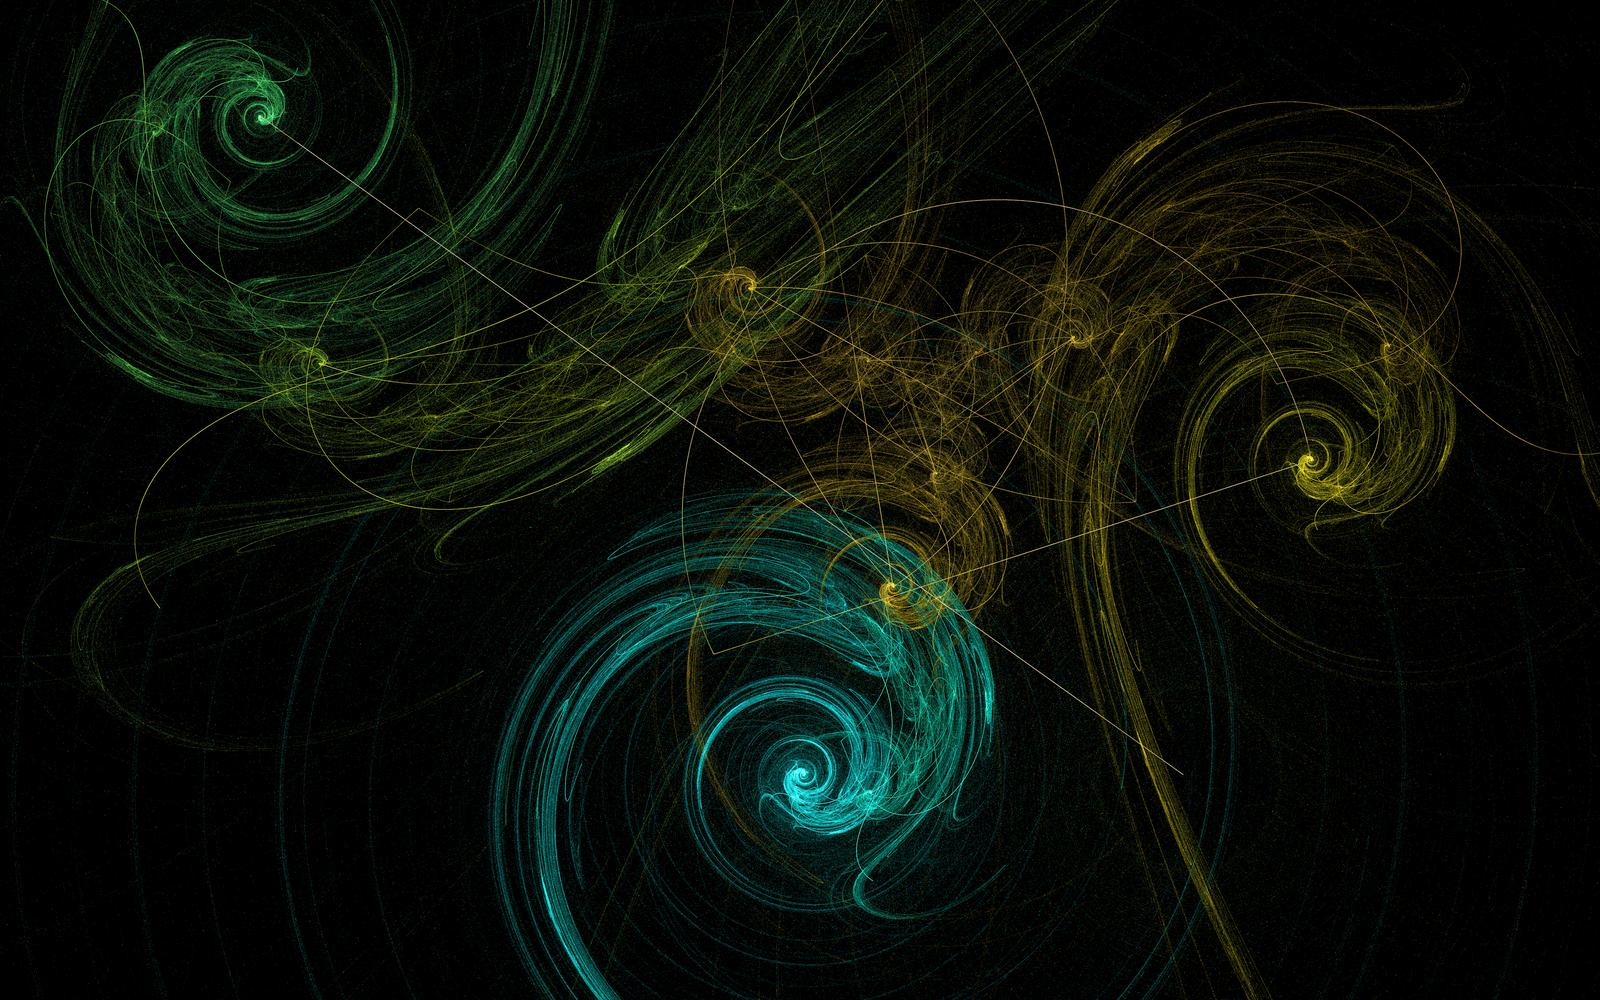 Golden ratio by liquidflames on deviantart for Golden ratio artwork